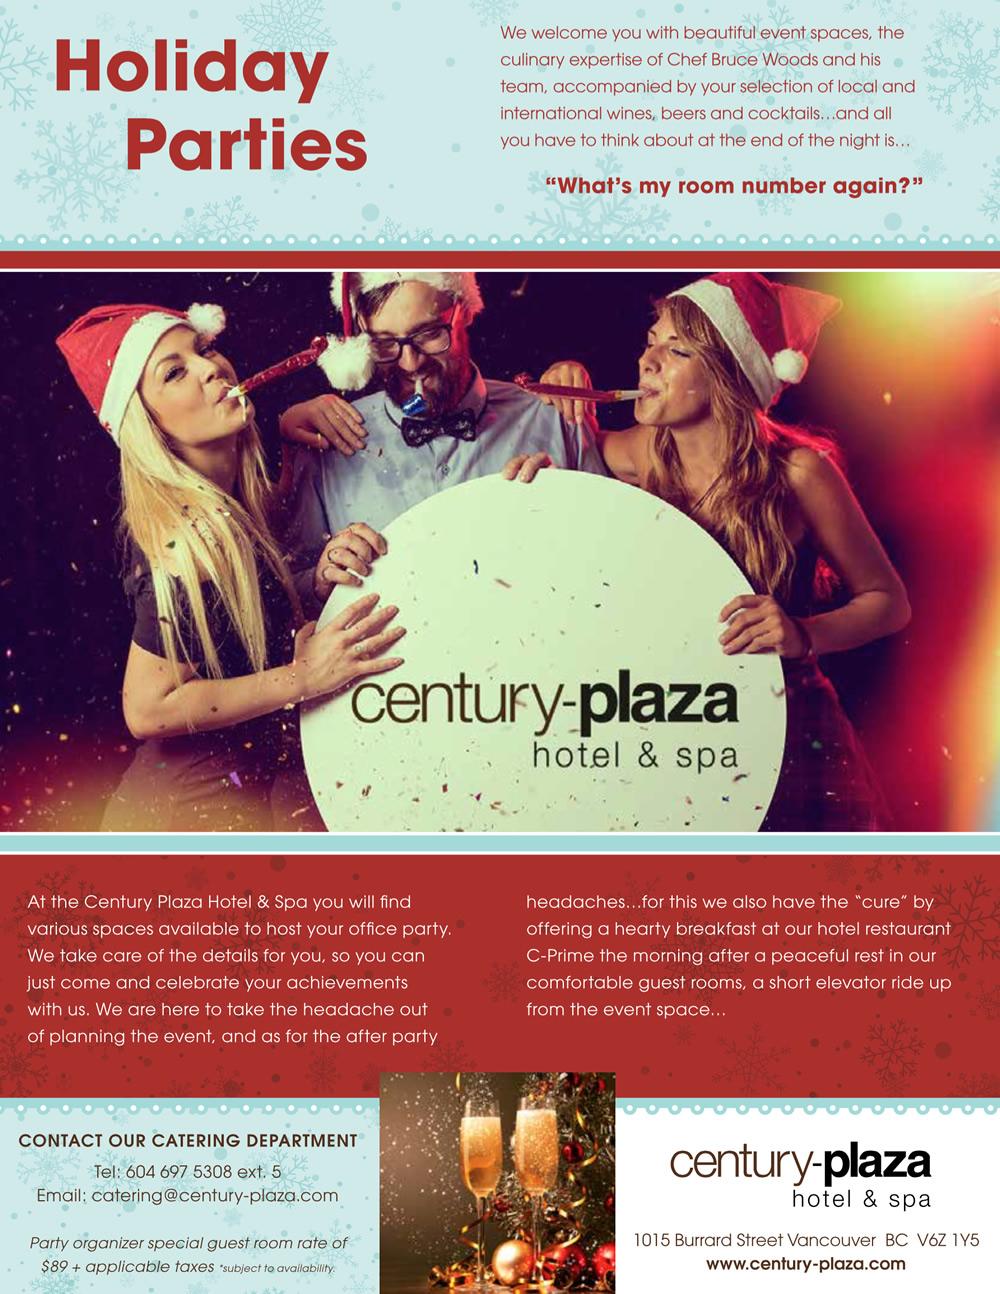 holiday-parties-main